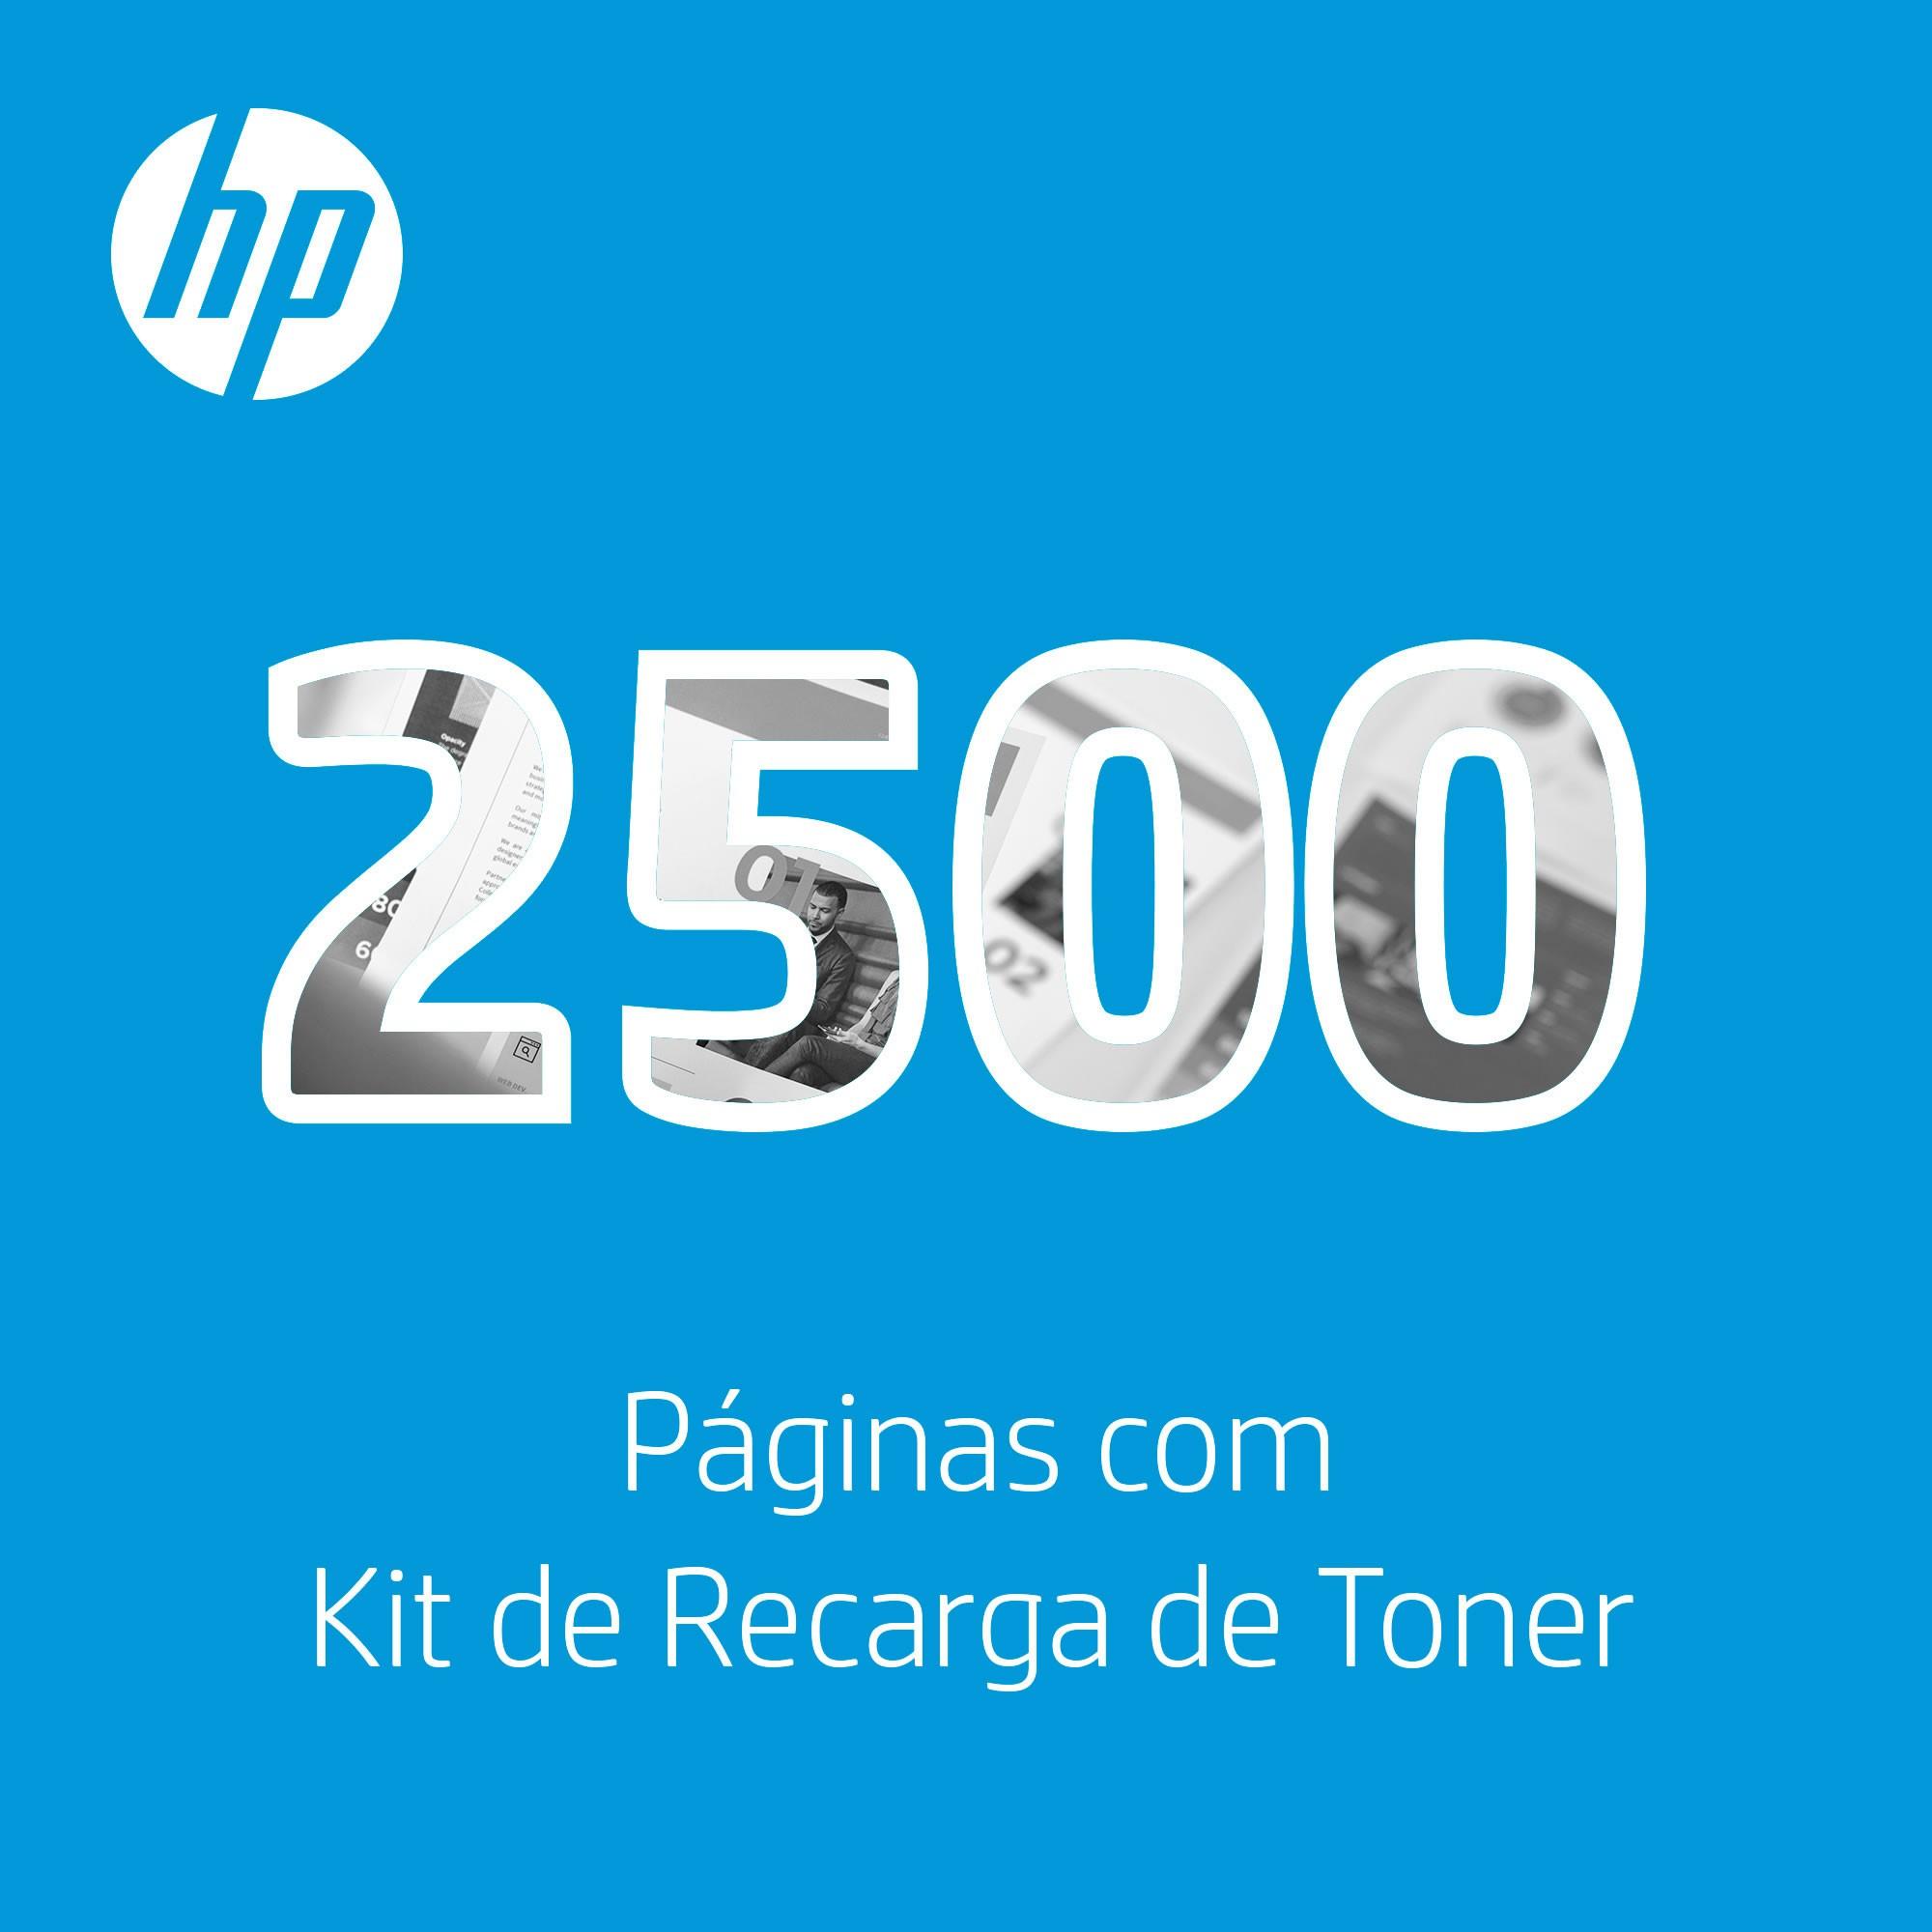 Kit Recarga de Toner Neverstop HP 103A Original 27570